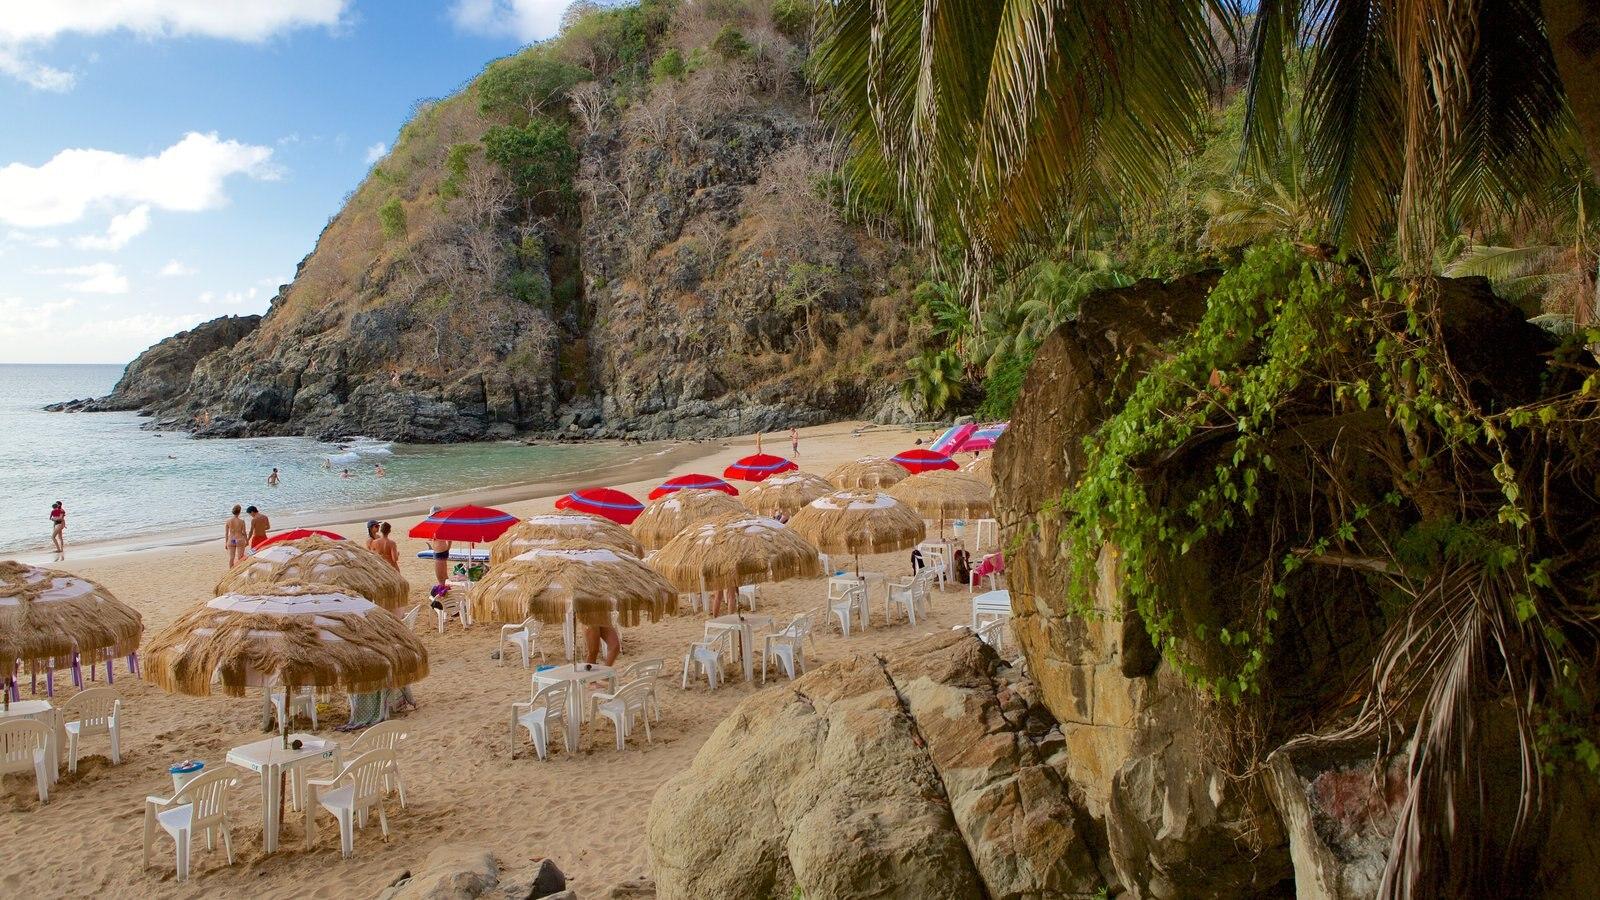 Praia do Cachorro que inclui paisagens litorâneas, uma praia e um hotel de luxo ou resort